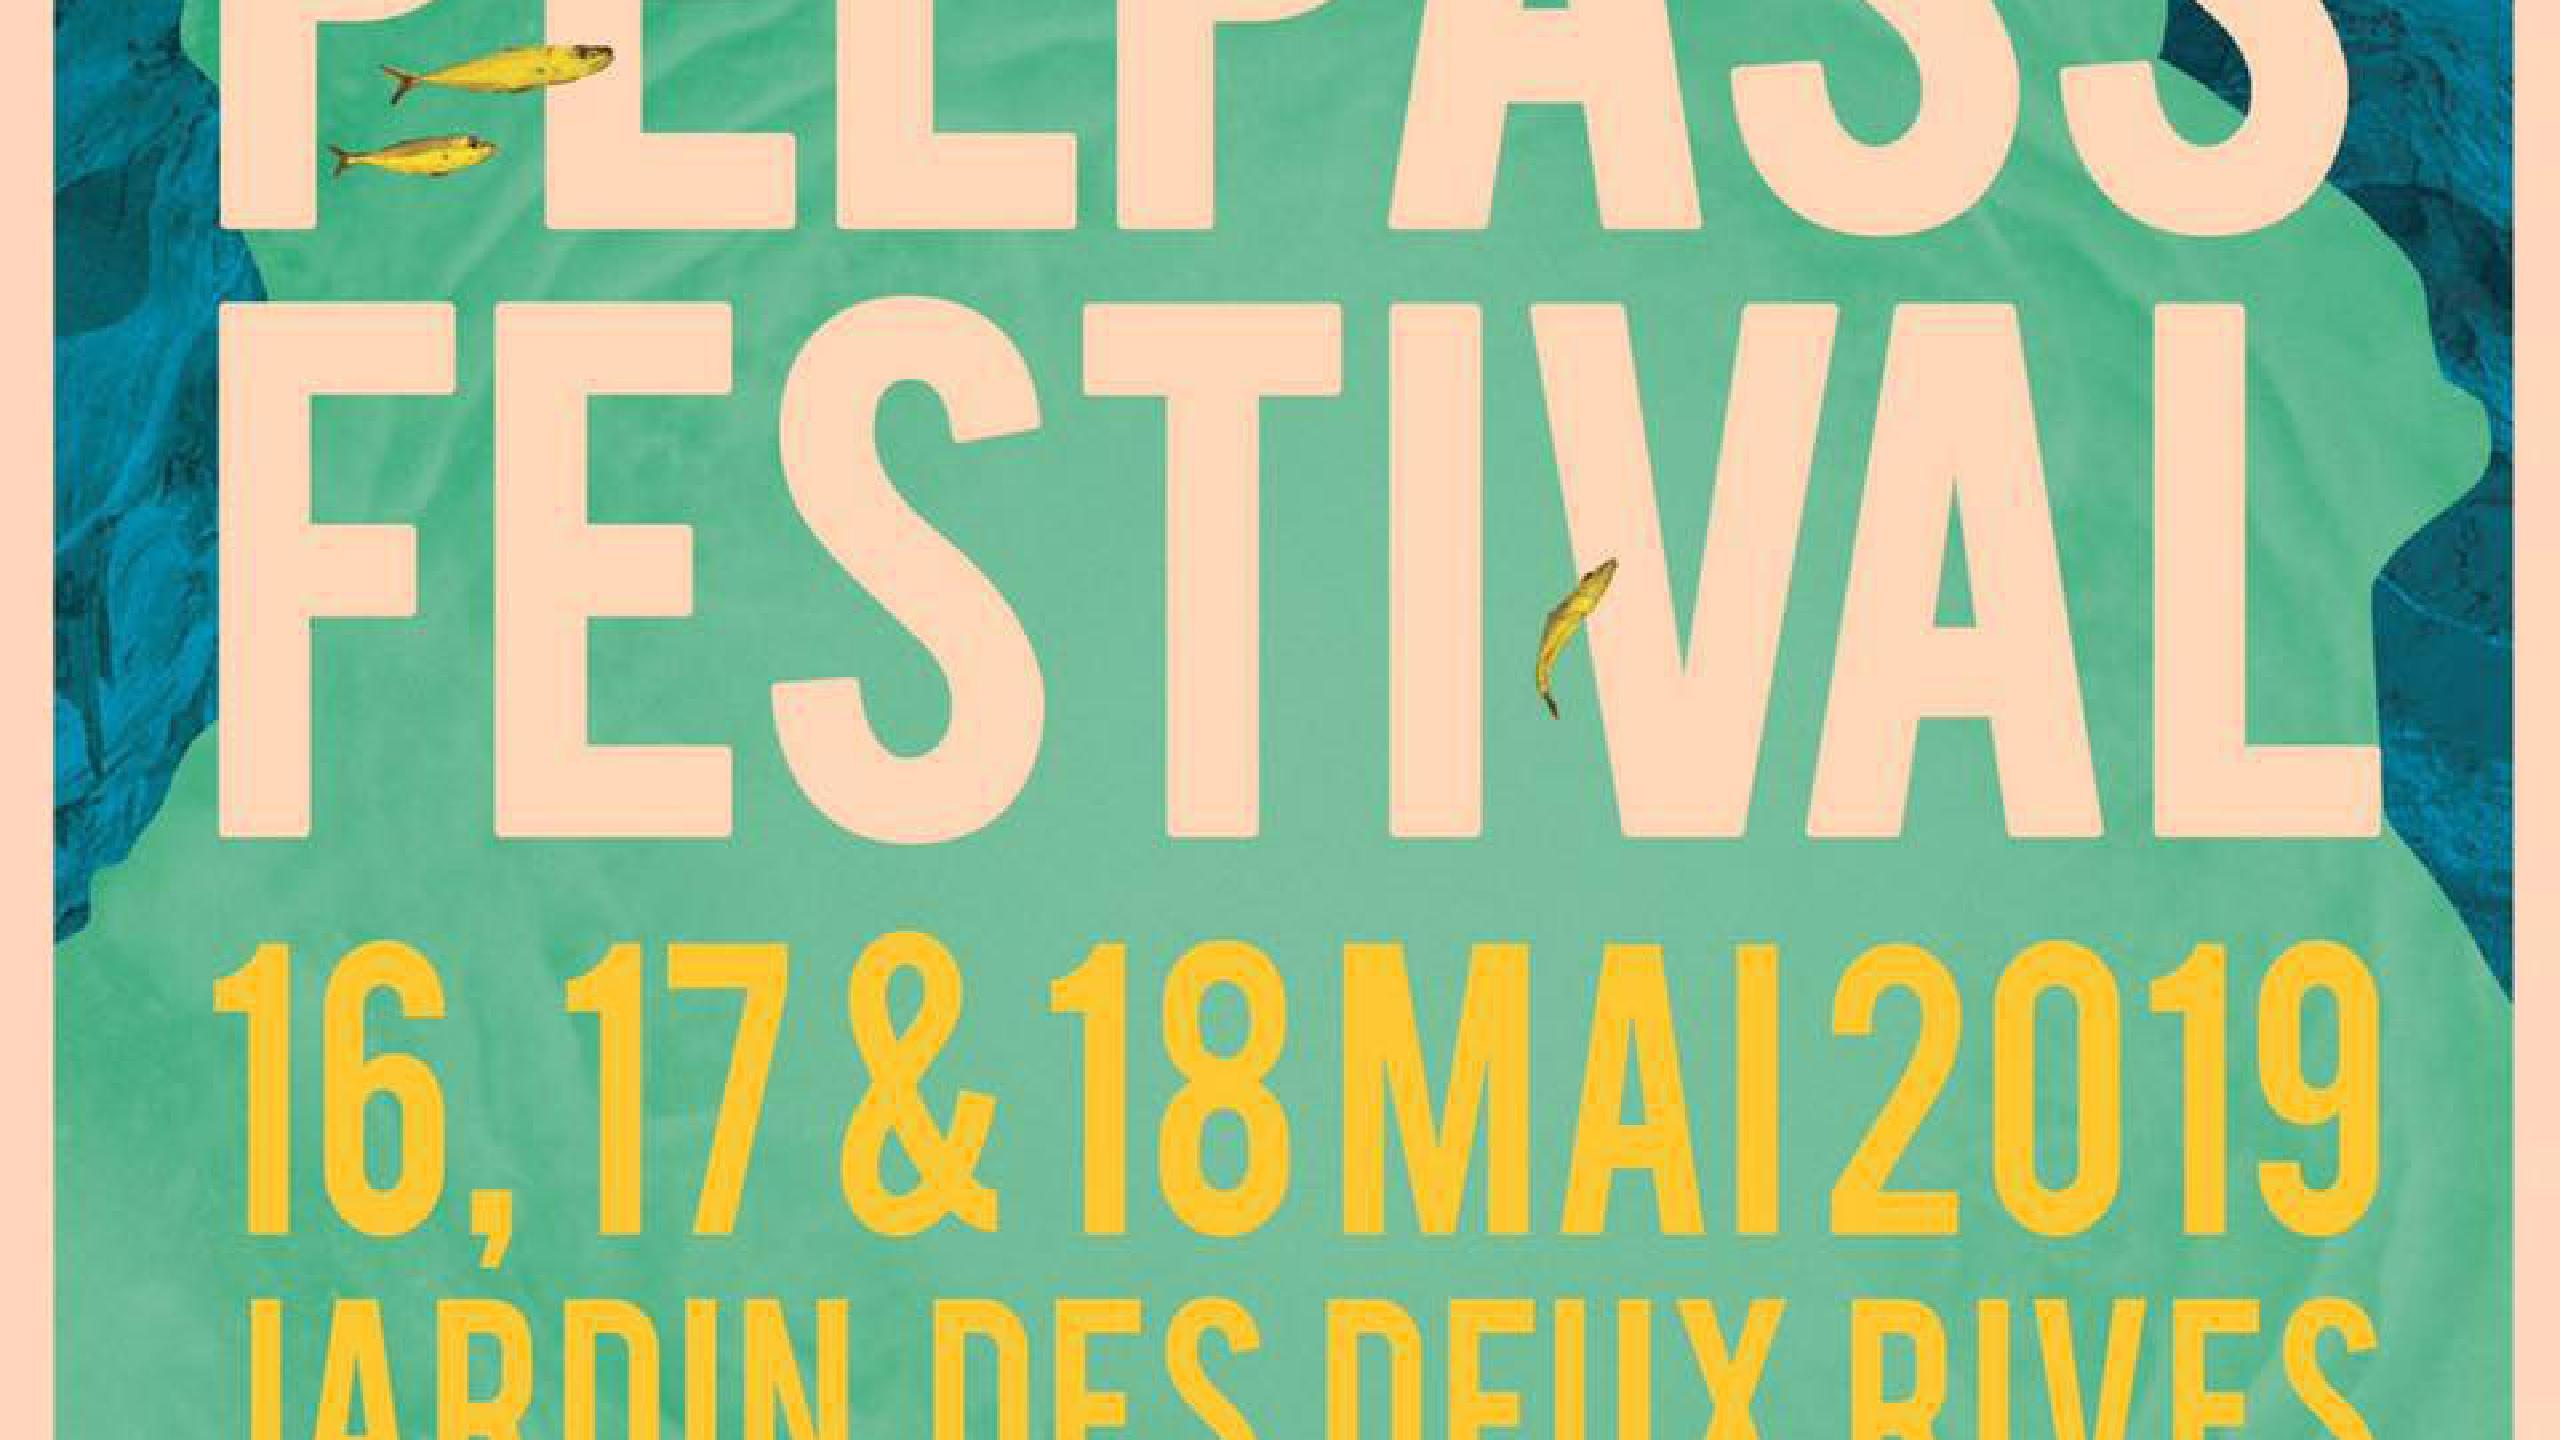 Pelpass Festival 2019 Tickets Lineup Bands For Pelpass